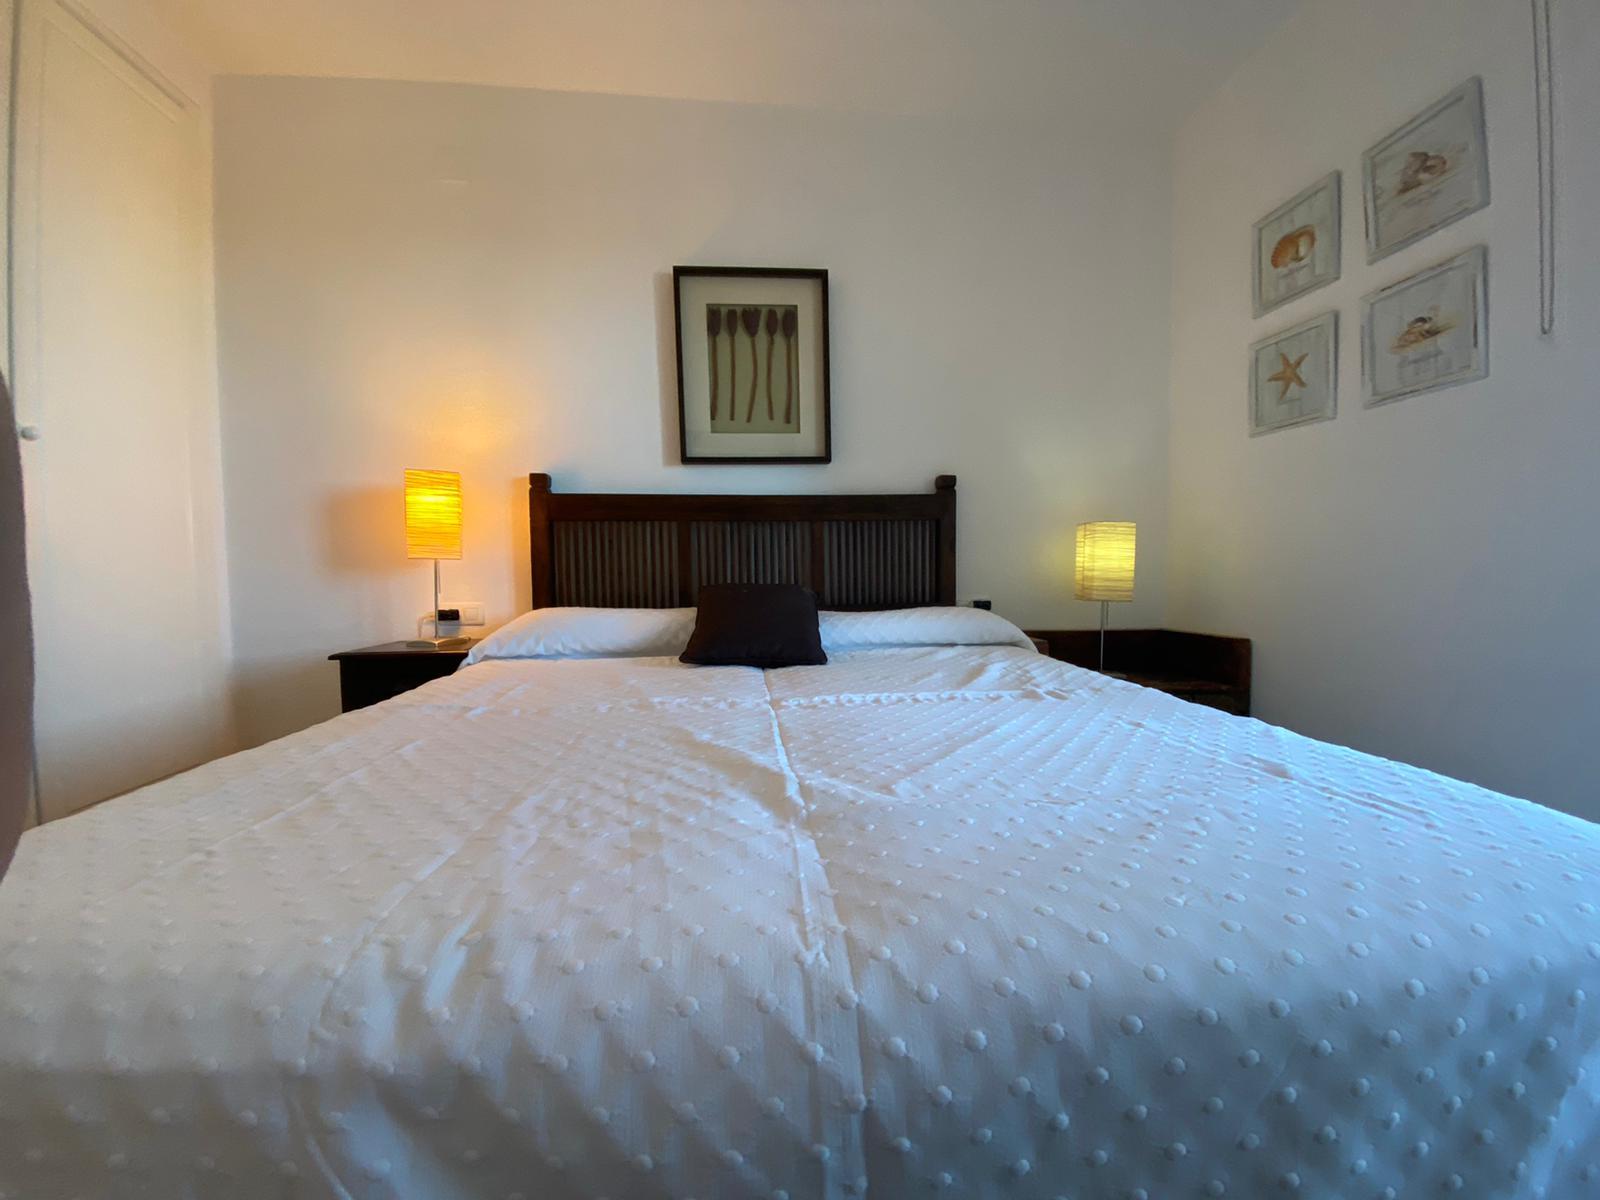 Imagen 17 del Apartamento Turístico, Ático 4 Levante, Frontal (4d+2b), Punta del Moral (HUELVA), Paseo de la Cruz nº22